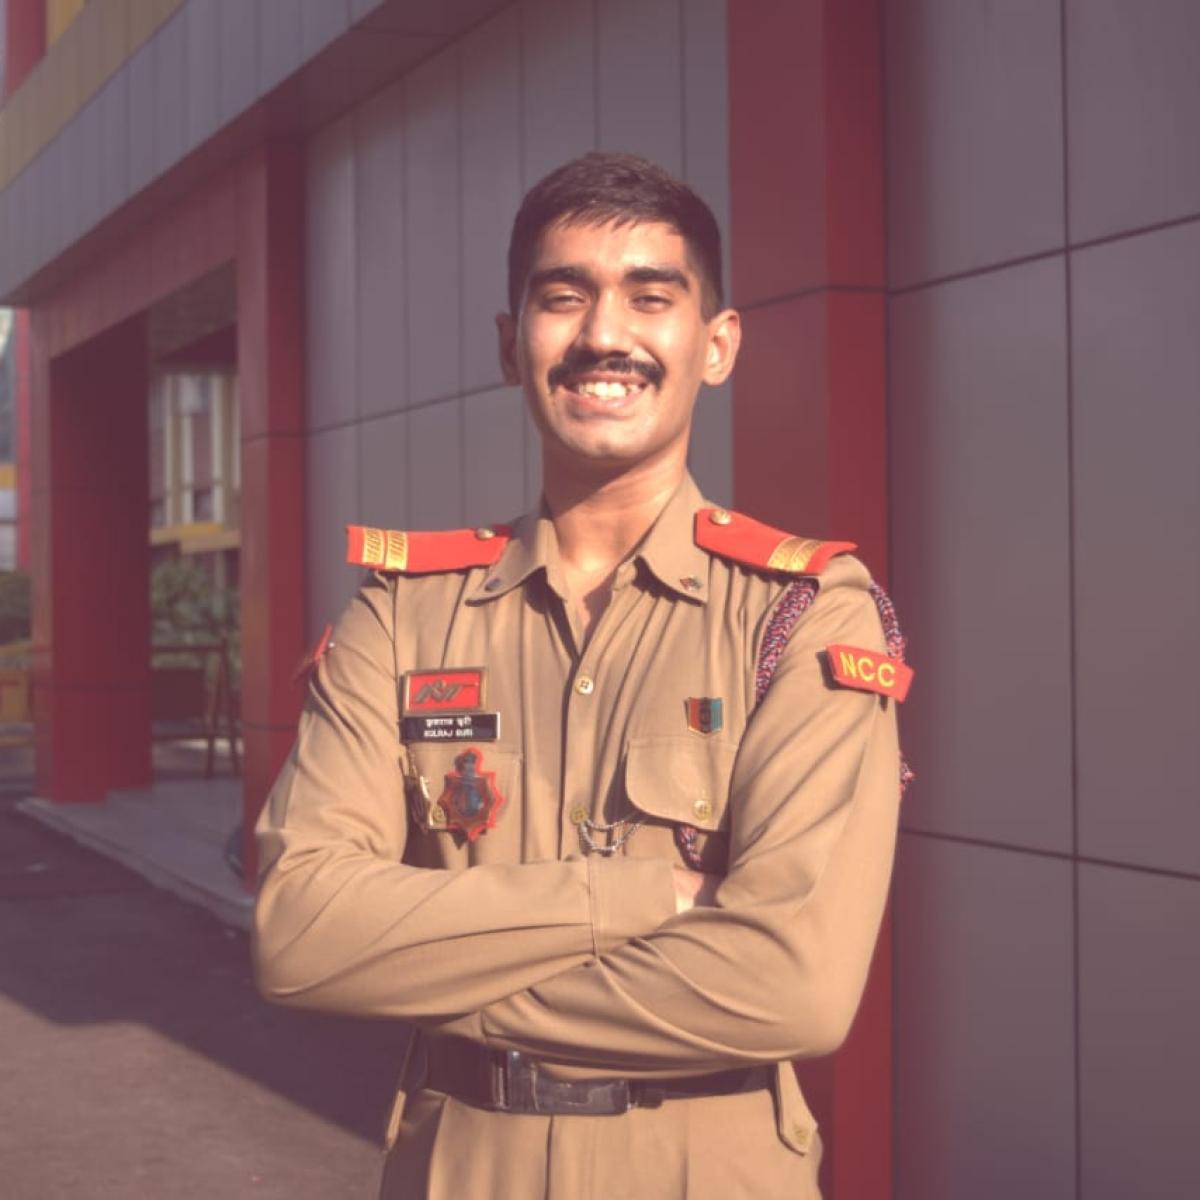 NCC senior officer Kulraj Suri wins Director General's Appreciation Medal